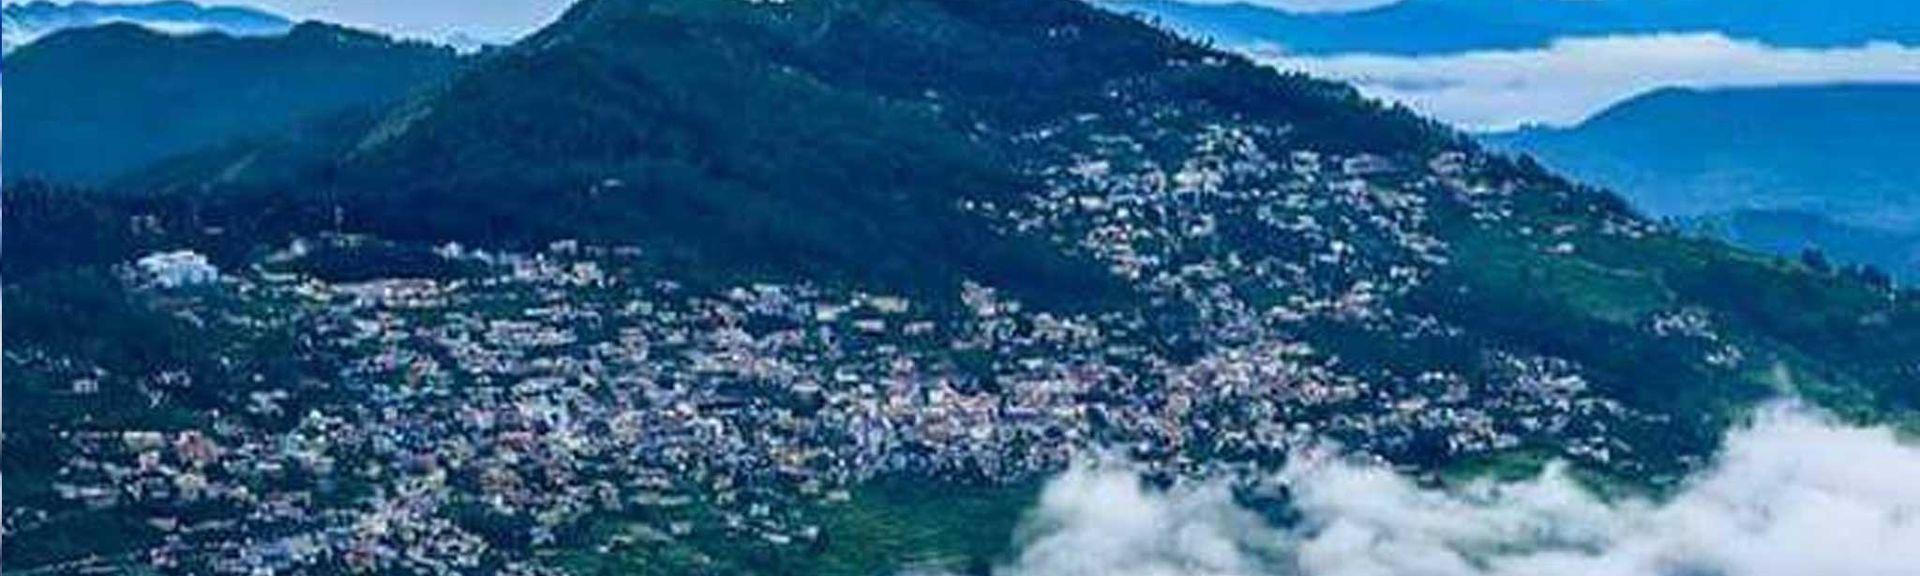 Pauri Garhwal, Uttarakhand, Inde